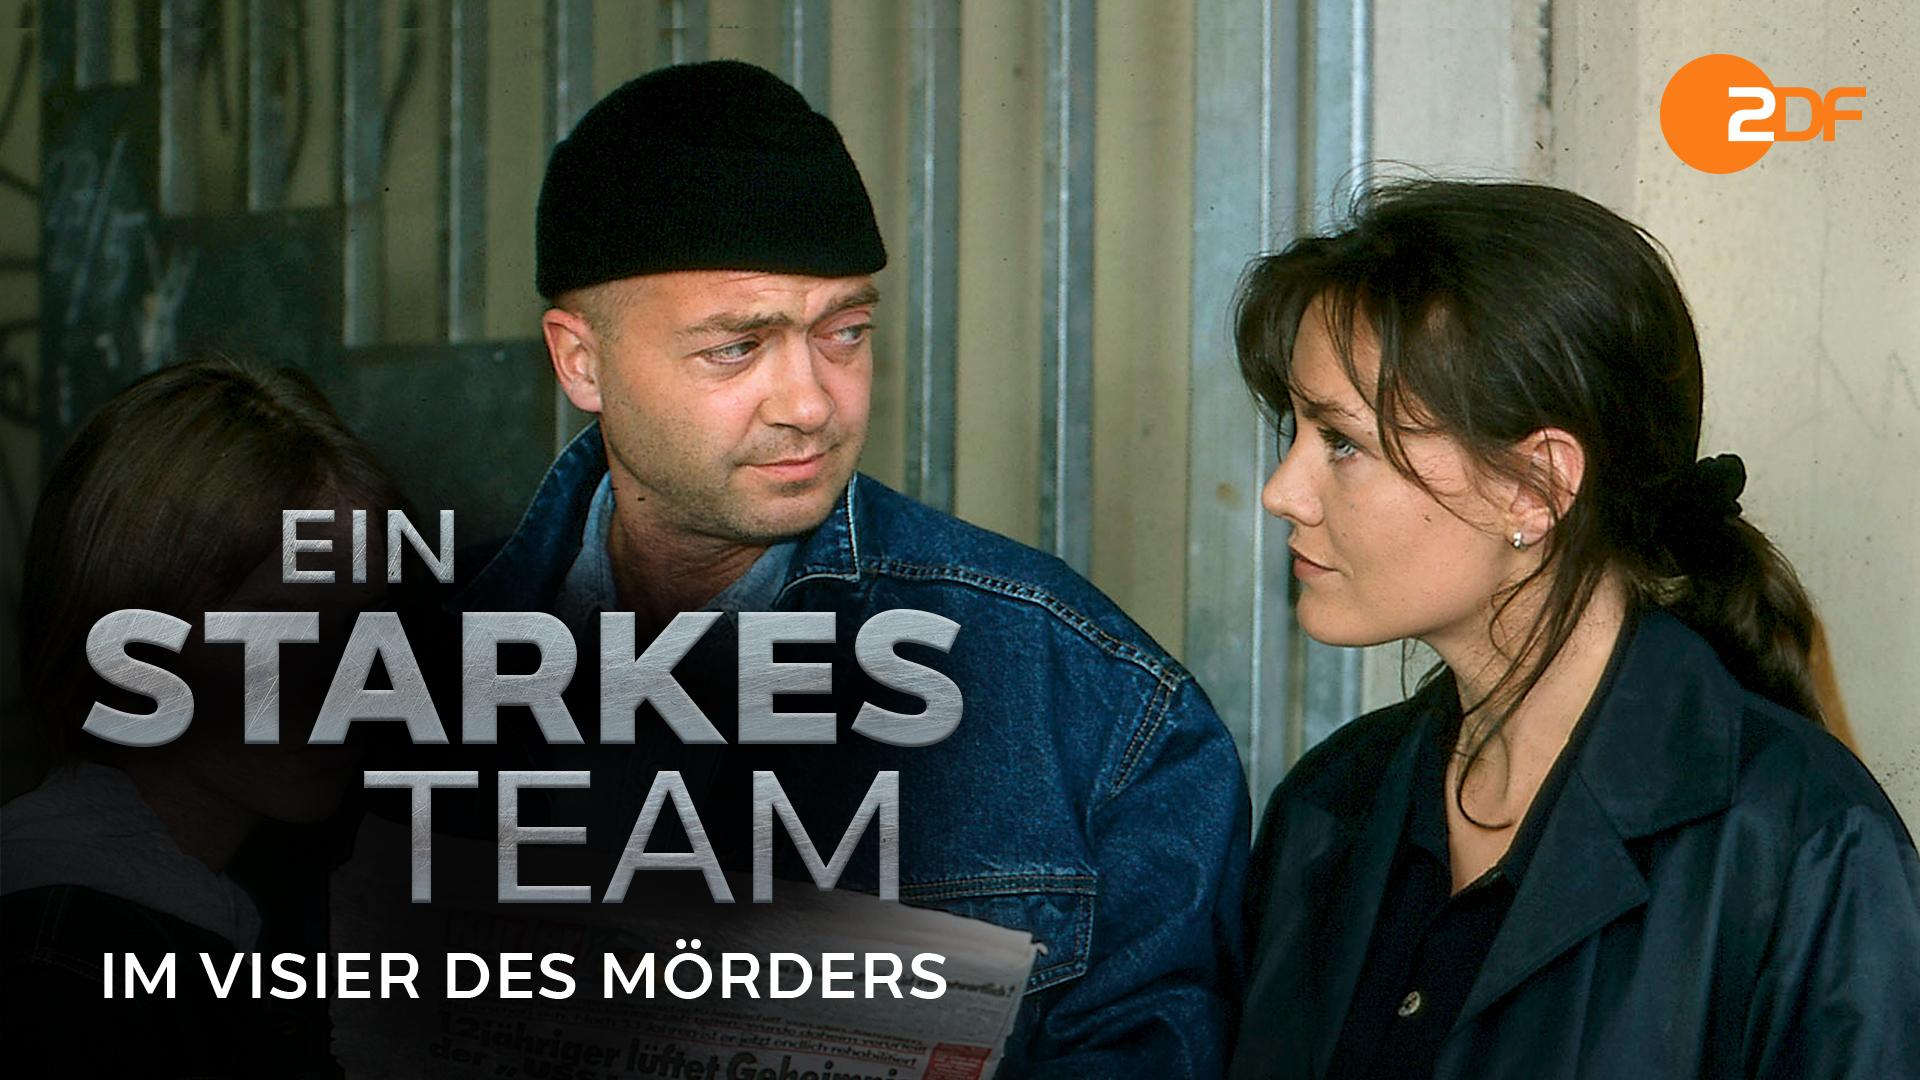 Ein starkes Team - Im Visier des Mörders